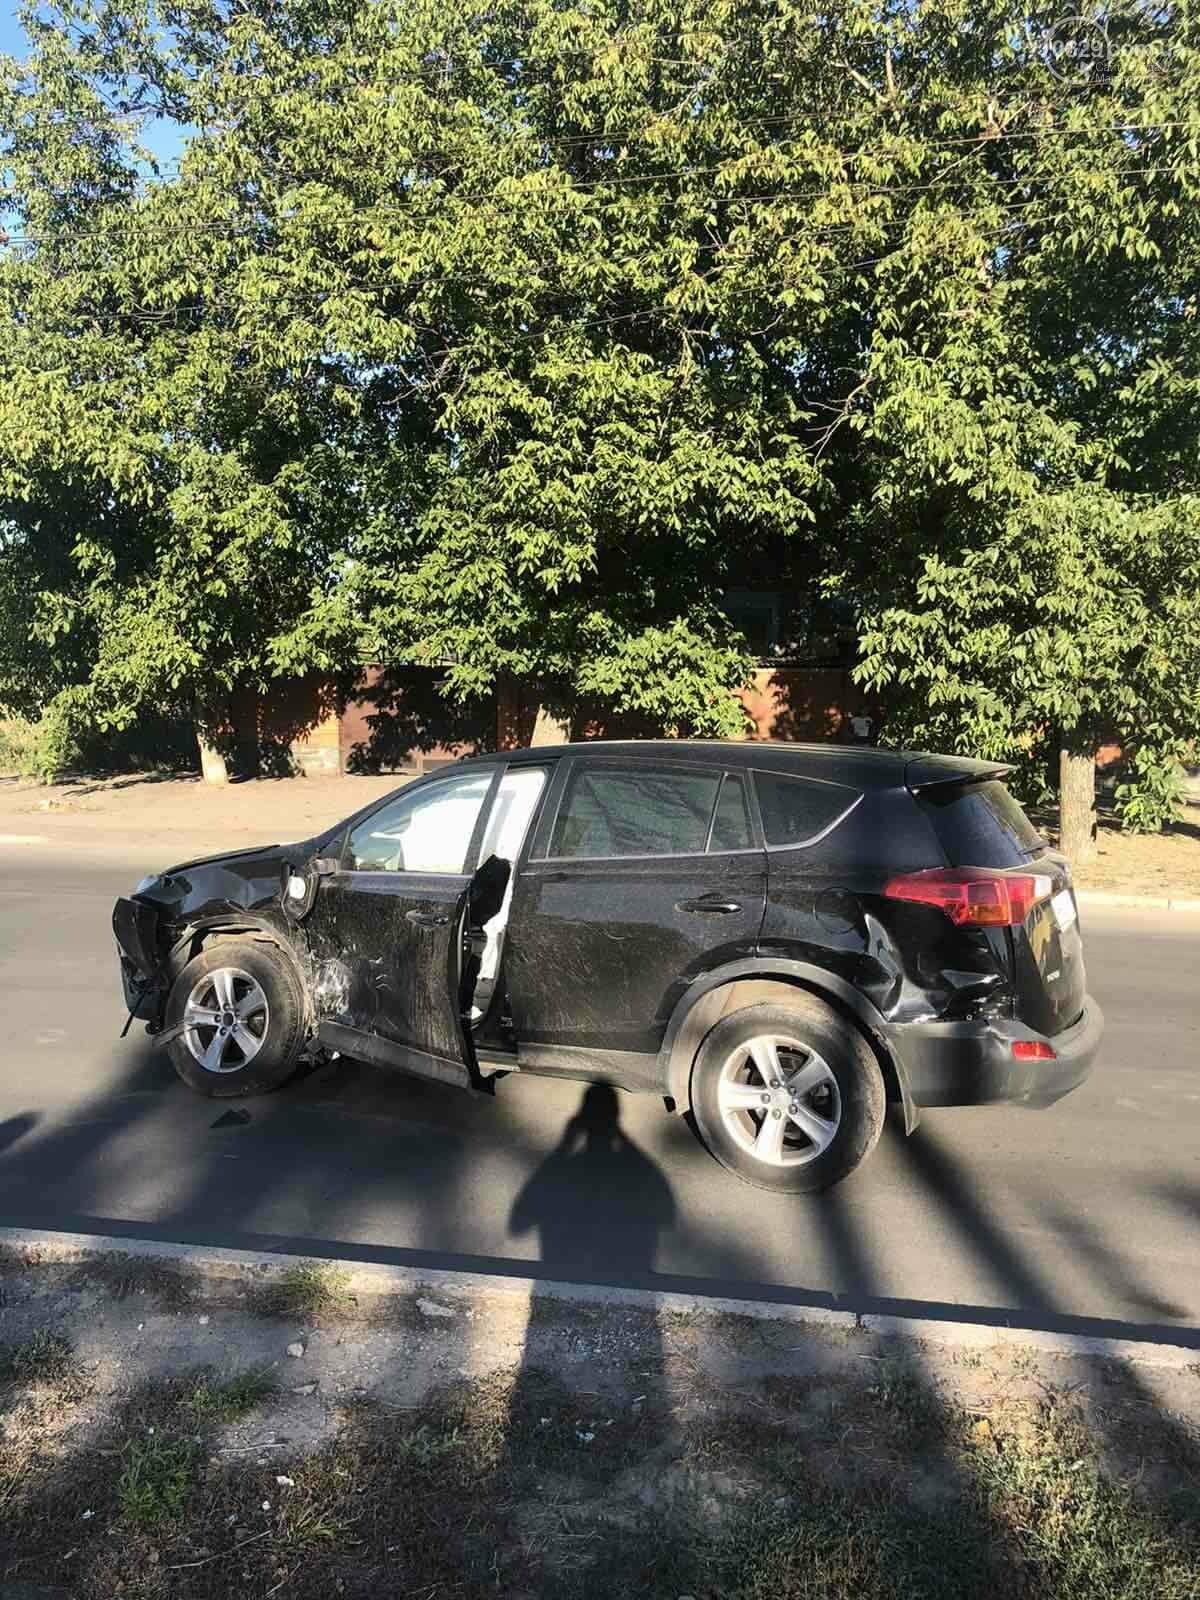 В Мариуполе на перекрестке столкнулись ВАЗ и Toyota. Пострадал 23-летний парень, - ФОТО, фото-8